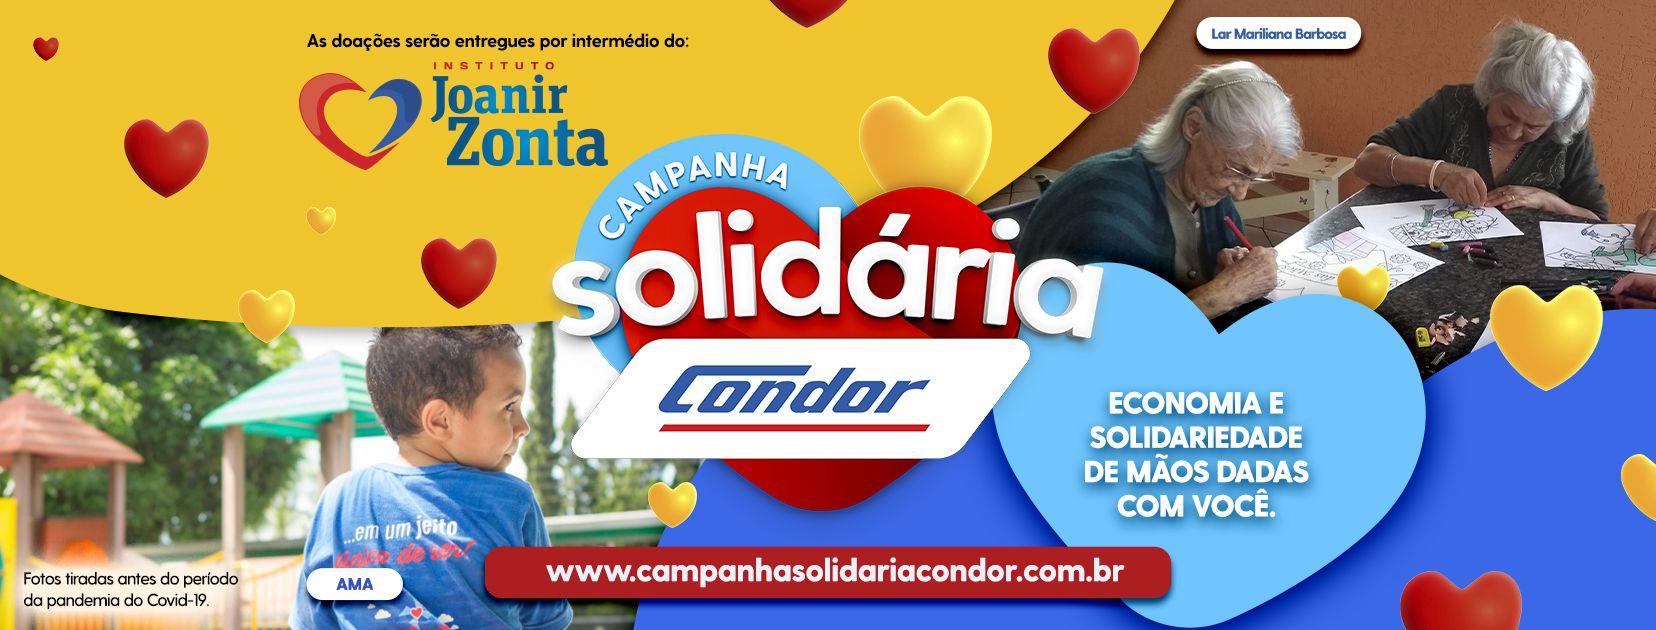 Campanha Solidária Condor vai ajudar 25 instituições do Paraná e Santa Catarina